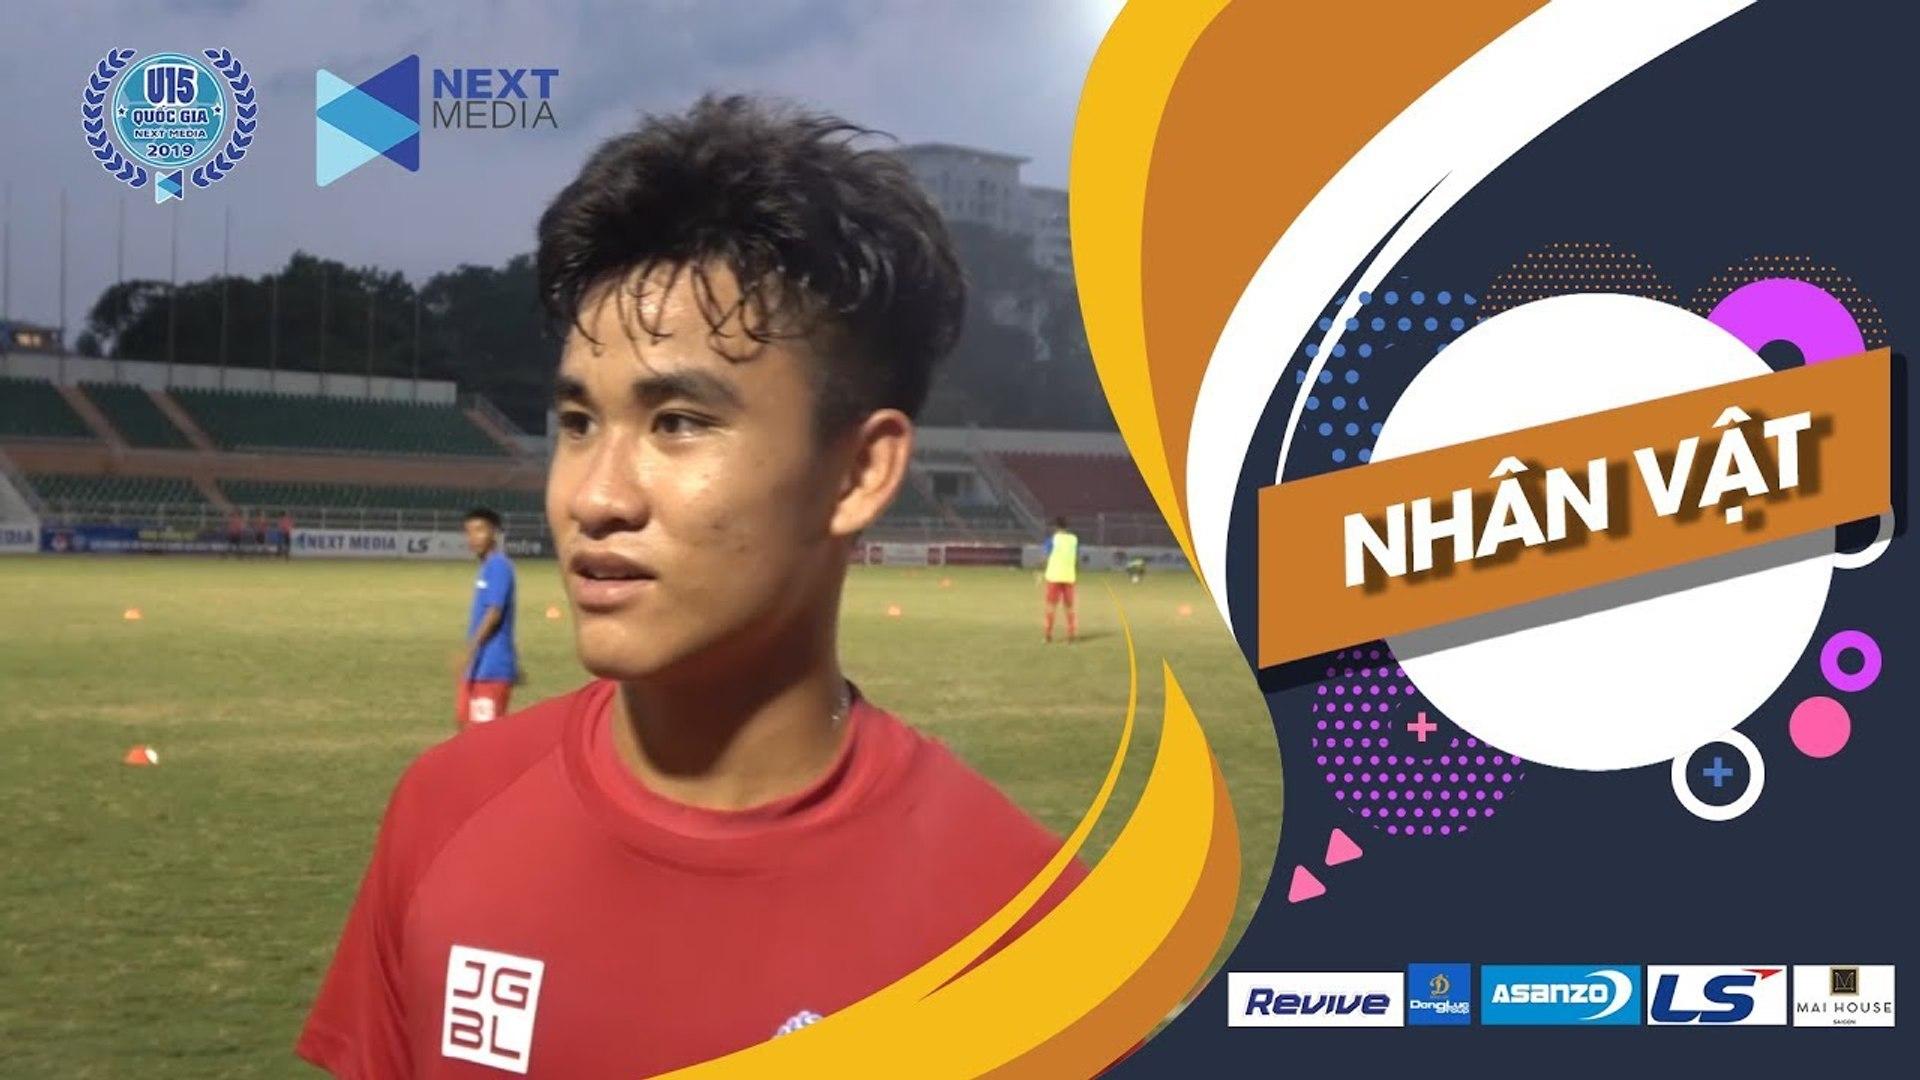 Sát thủ U15 Viettel hâm mộ Quang Hải, tự tin hướng đến ngôi vị số 1 | VFF Channel